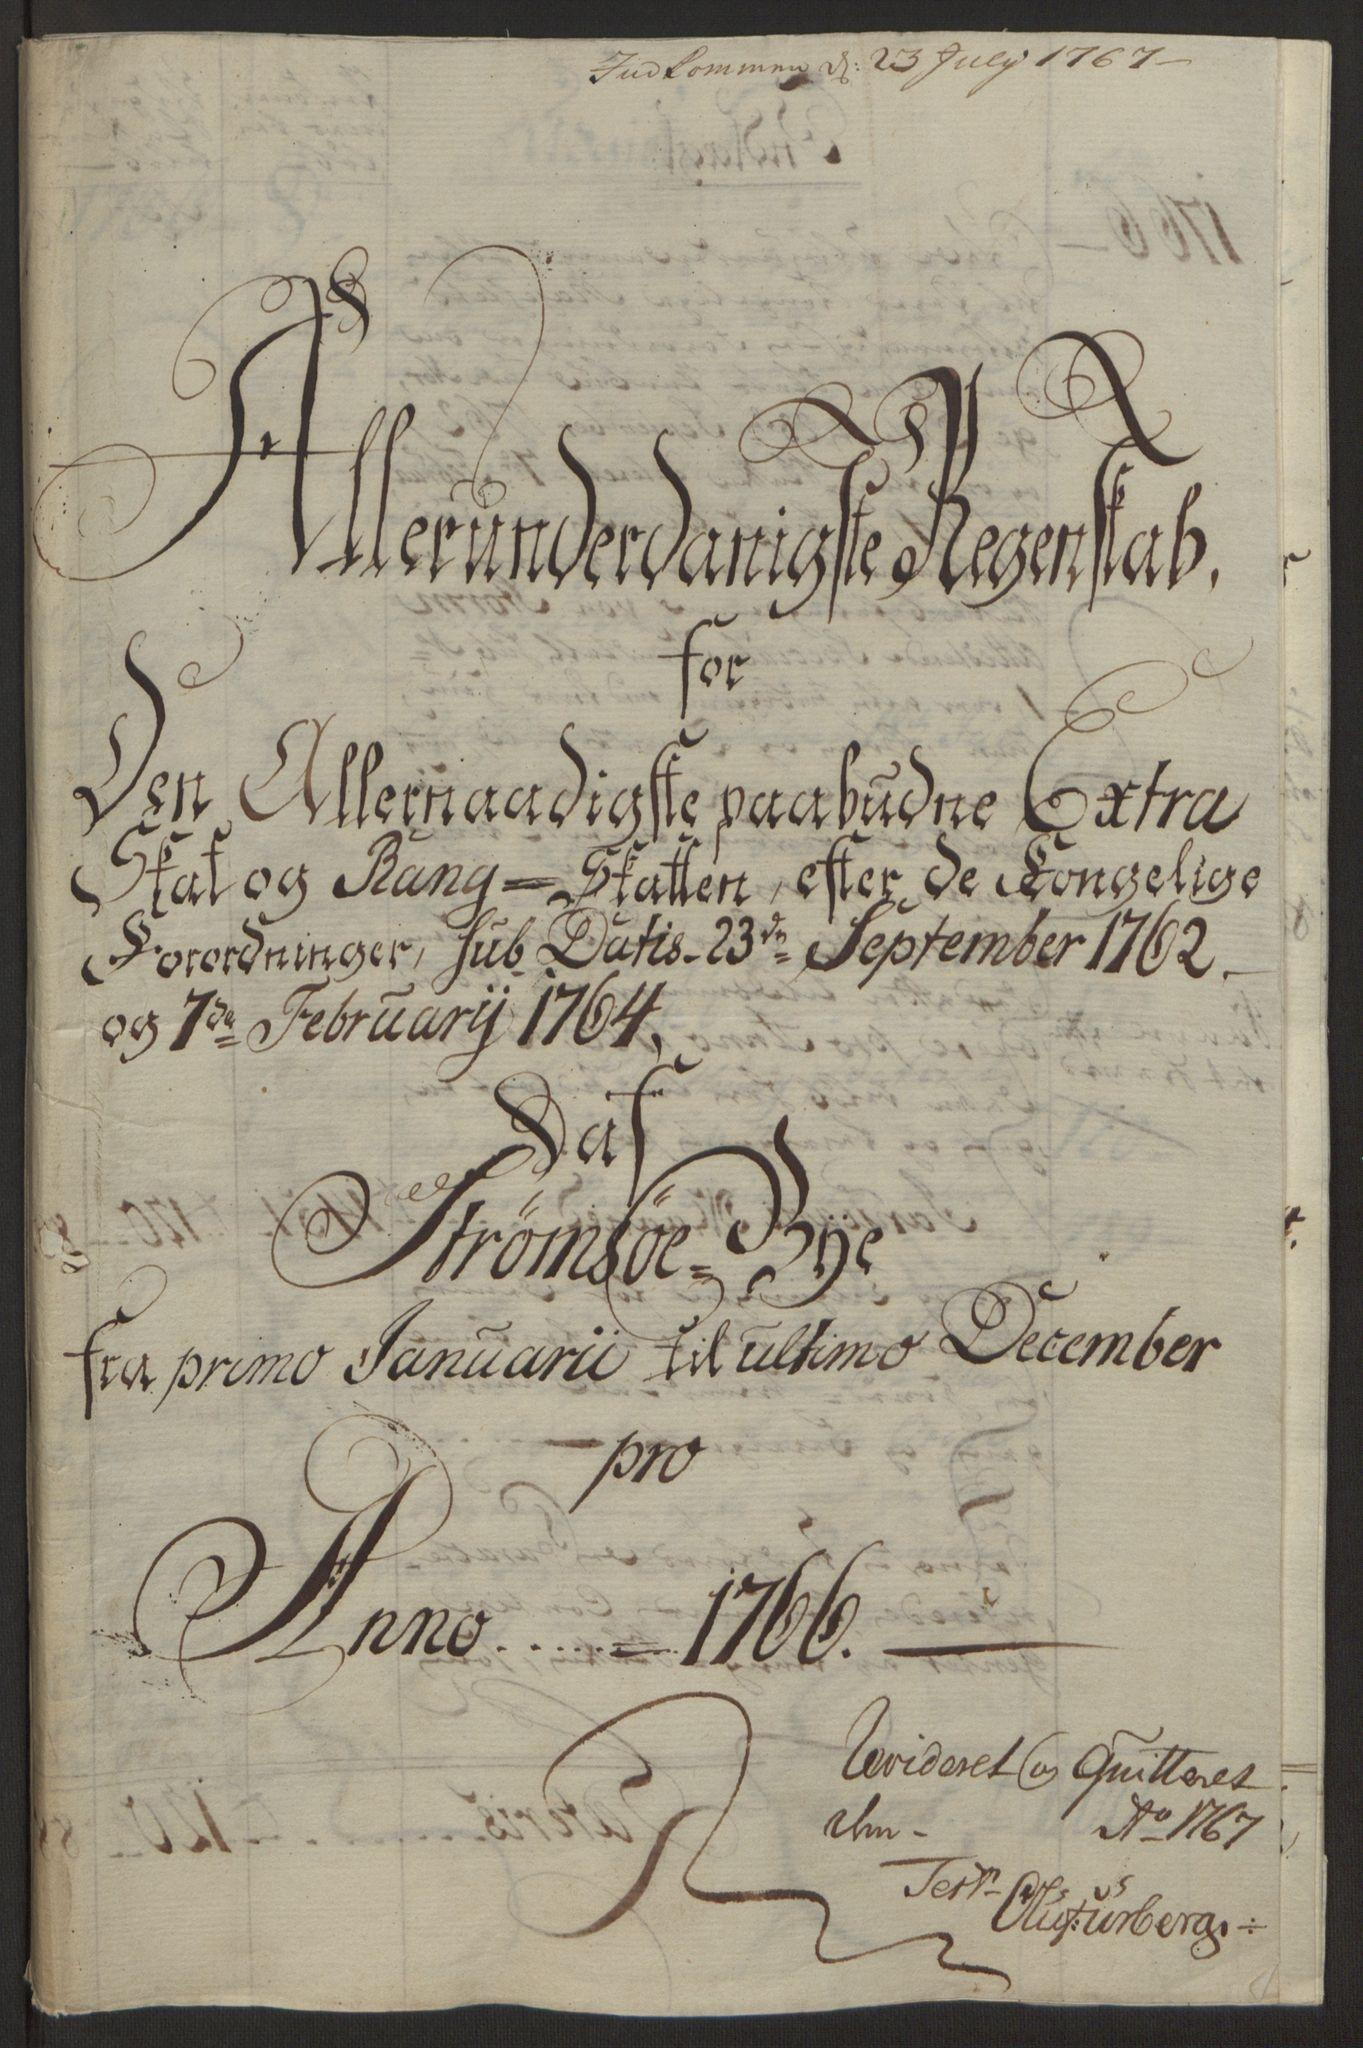 RA, Rentekammeret inntil 1814, Reviderte regnskaper, Byregnskaper, R/Rg/L0144: [G4] Kontribusjonsregnskap, 1762-1767, s. 412